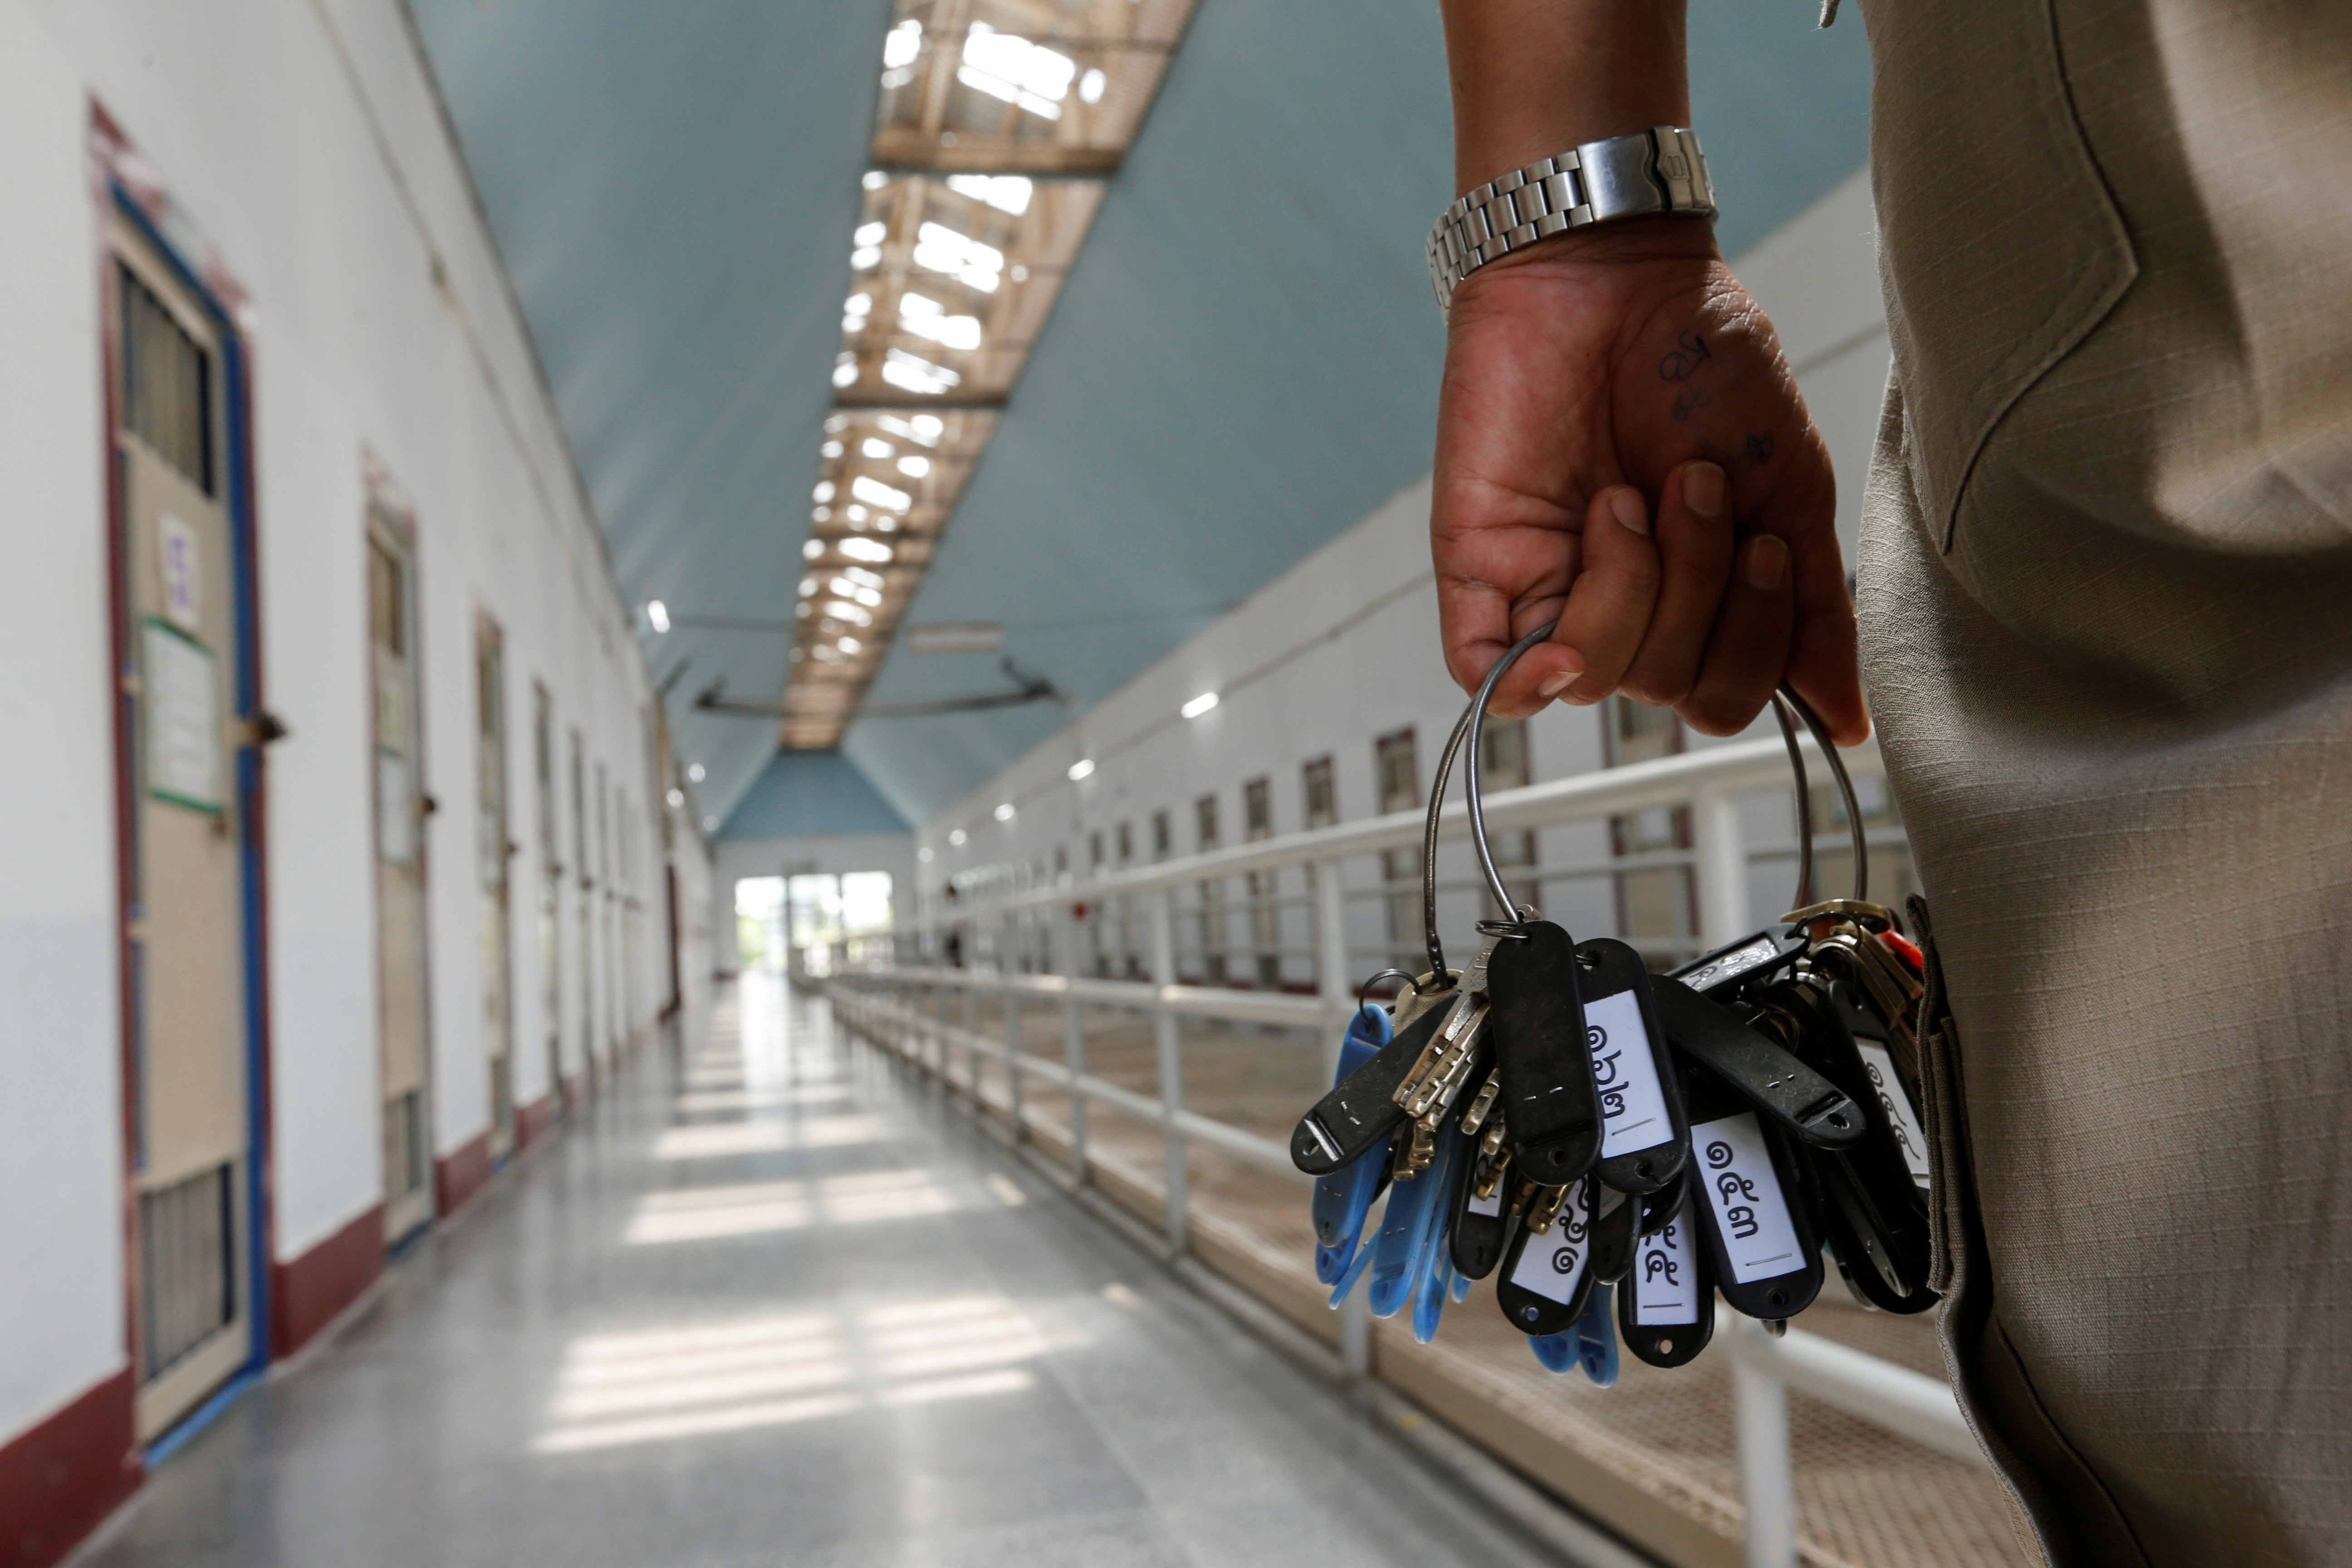 Ρίτσαρντ Ραμίρεζ: Ο στυγερός serial killer που καταδικάστηκε 19 φορές σε θάνατο